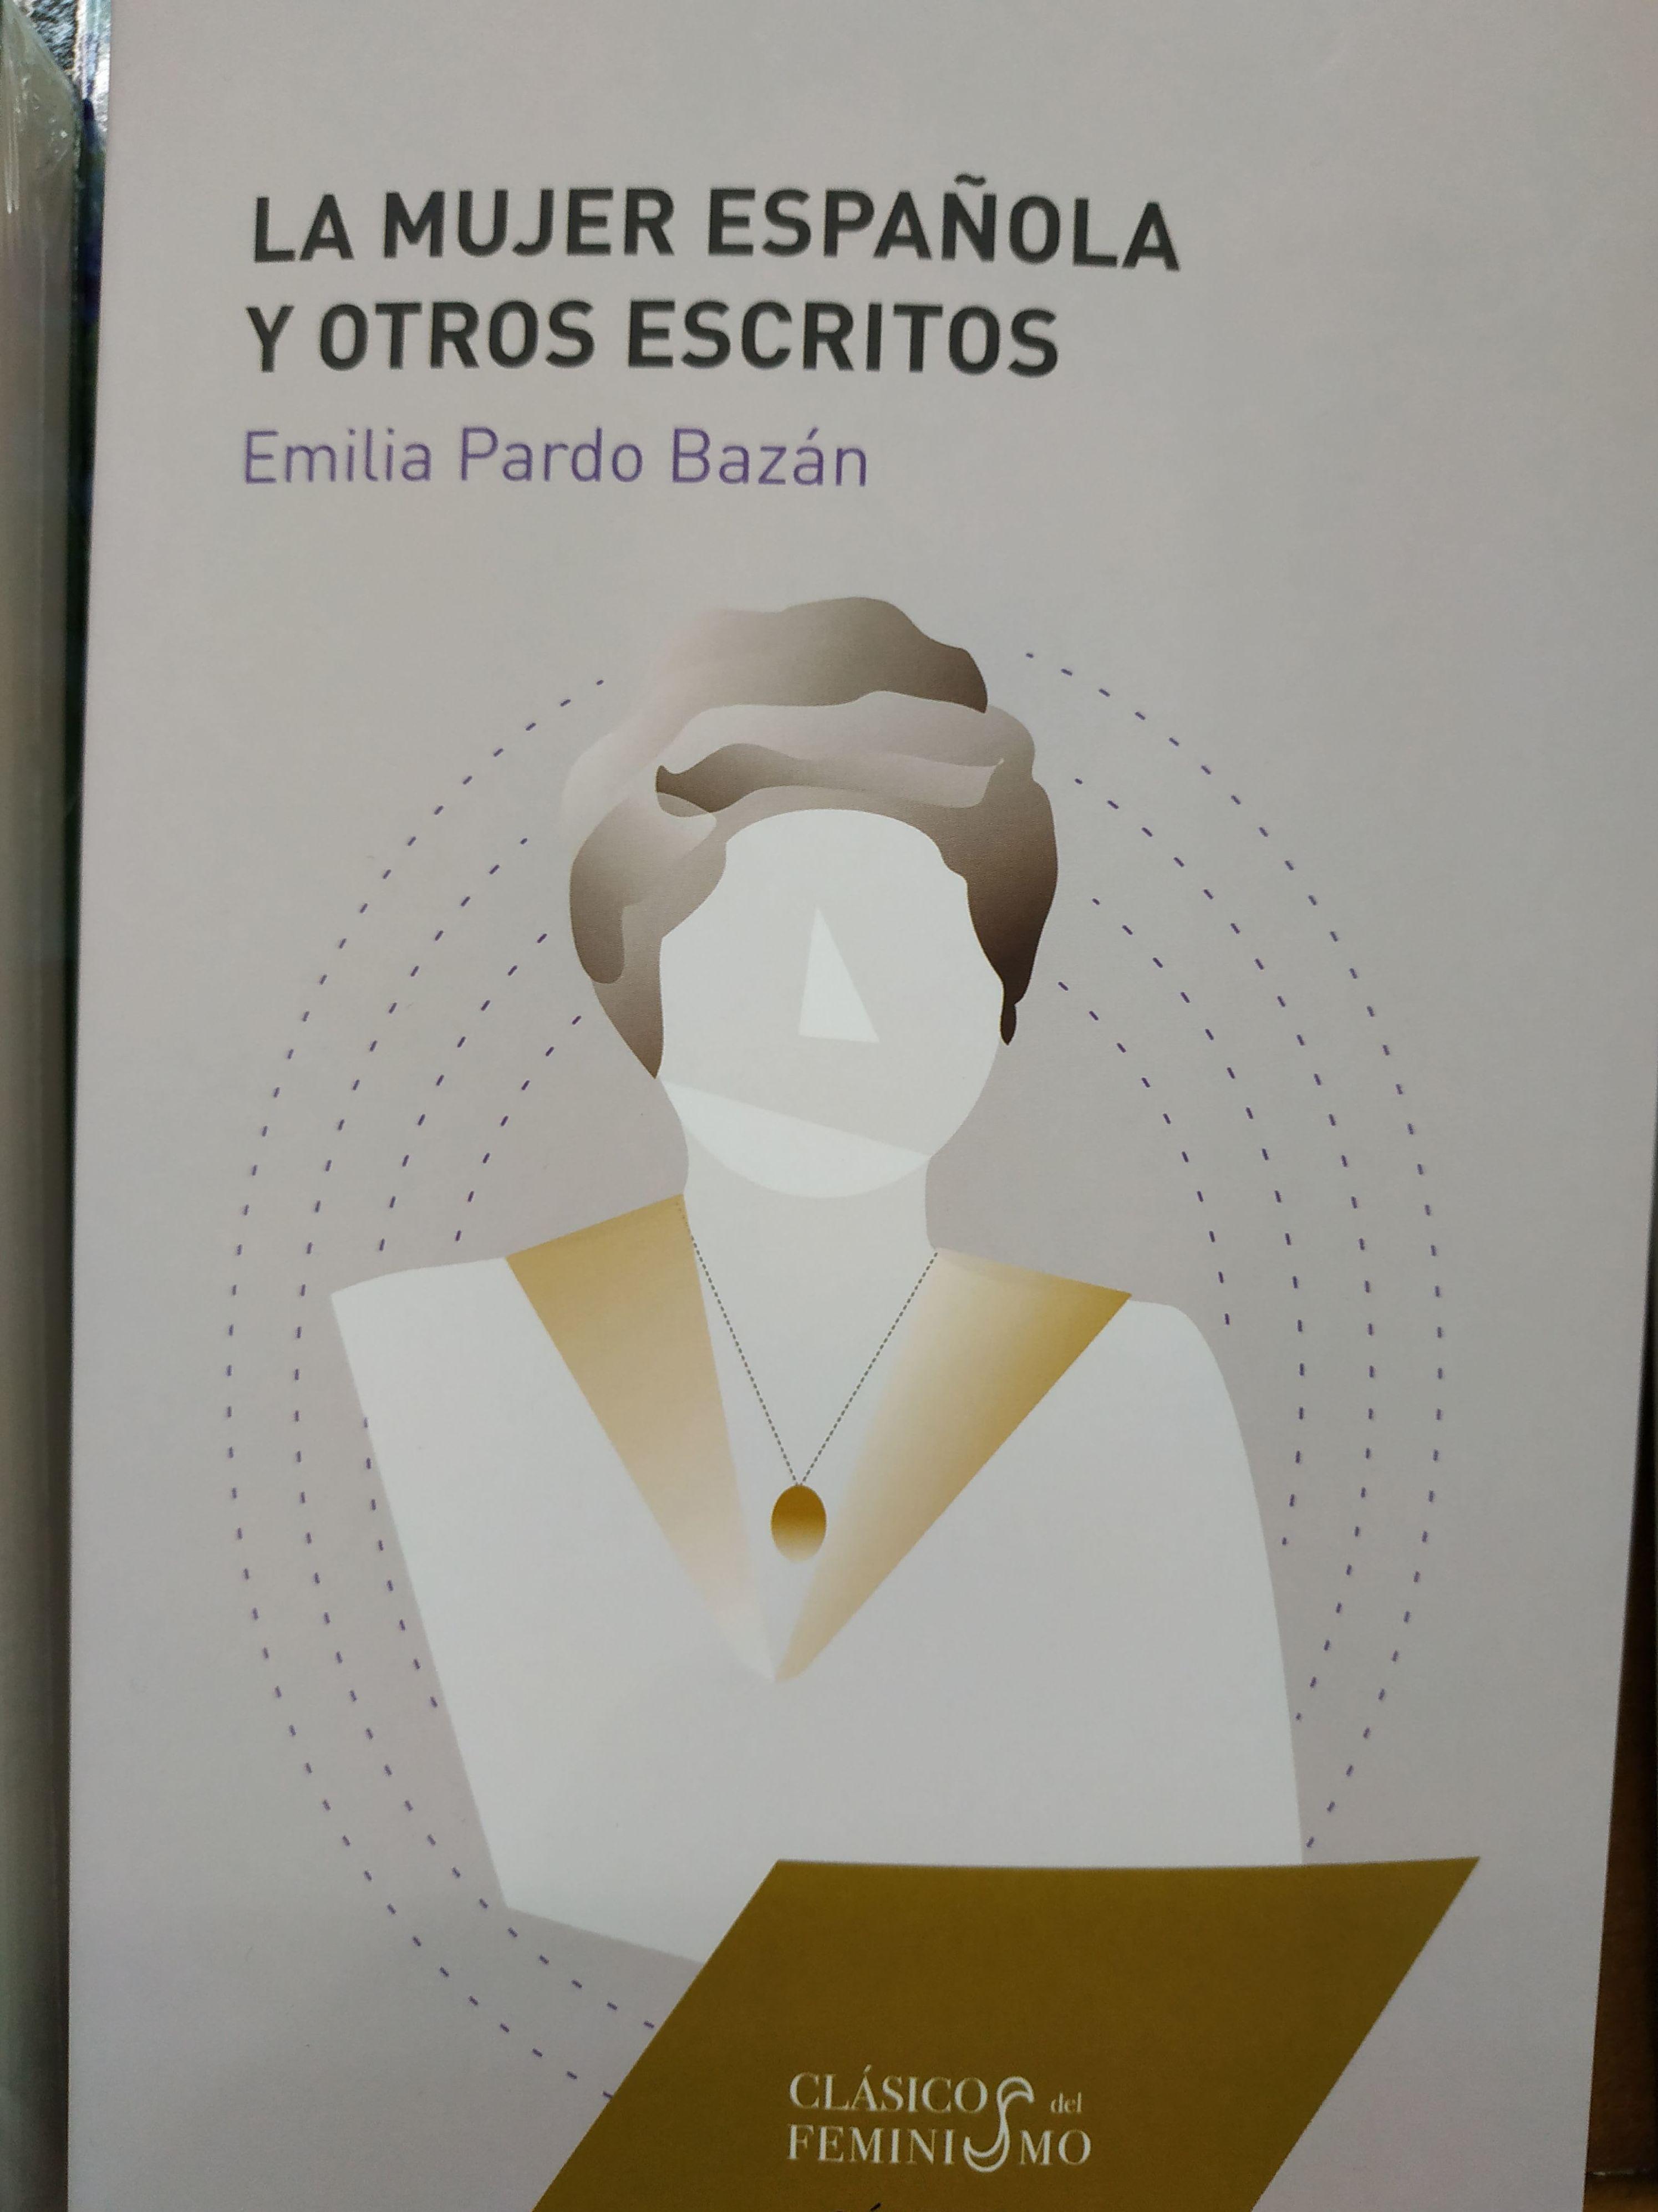 LA MUJER ESPAÑOLA Y OTROS ESCRITOS: SECCIONES de Librería Nueva Plaza Universitaria